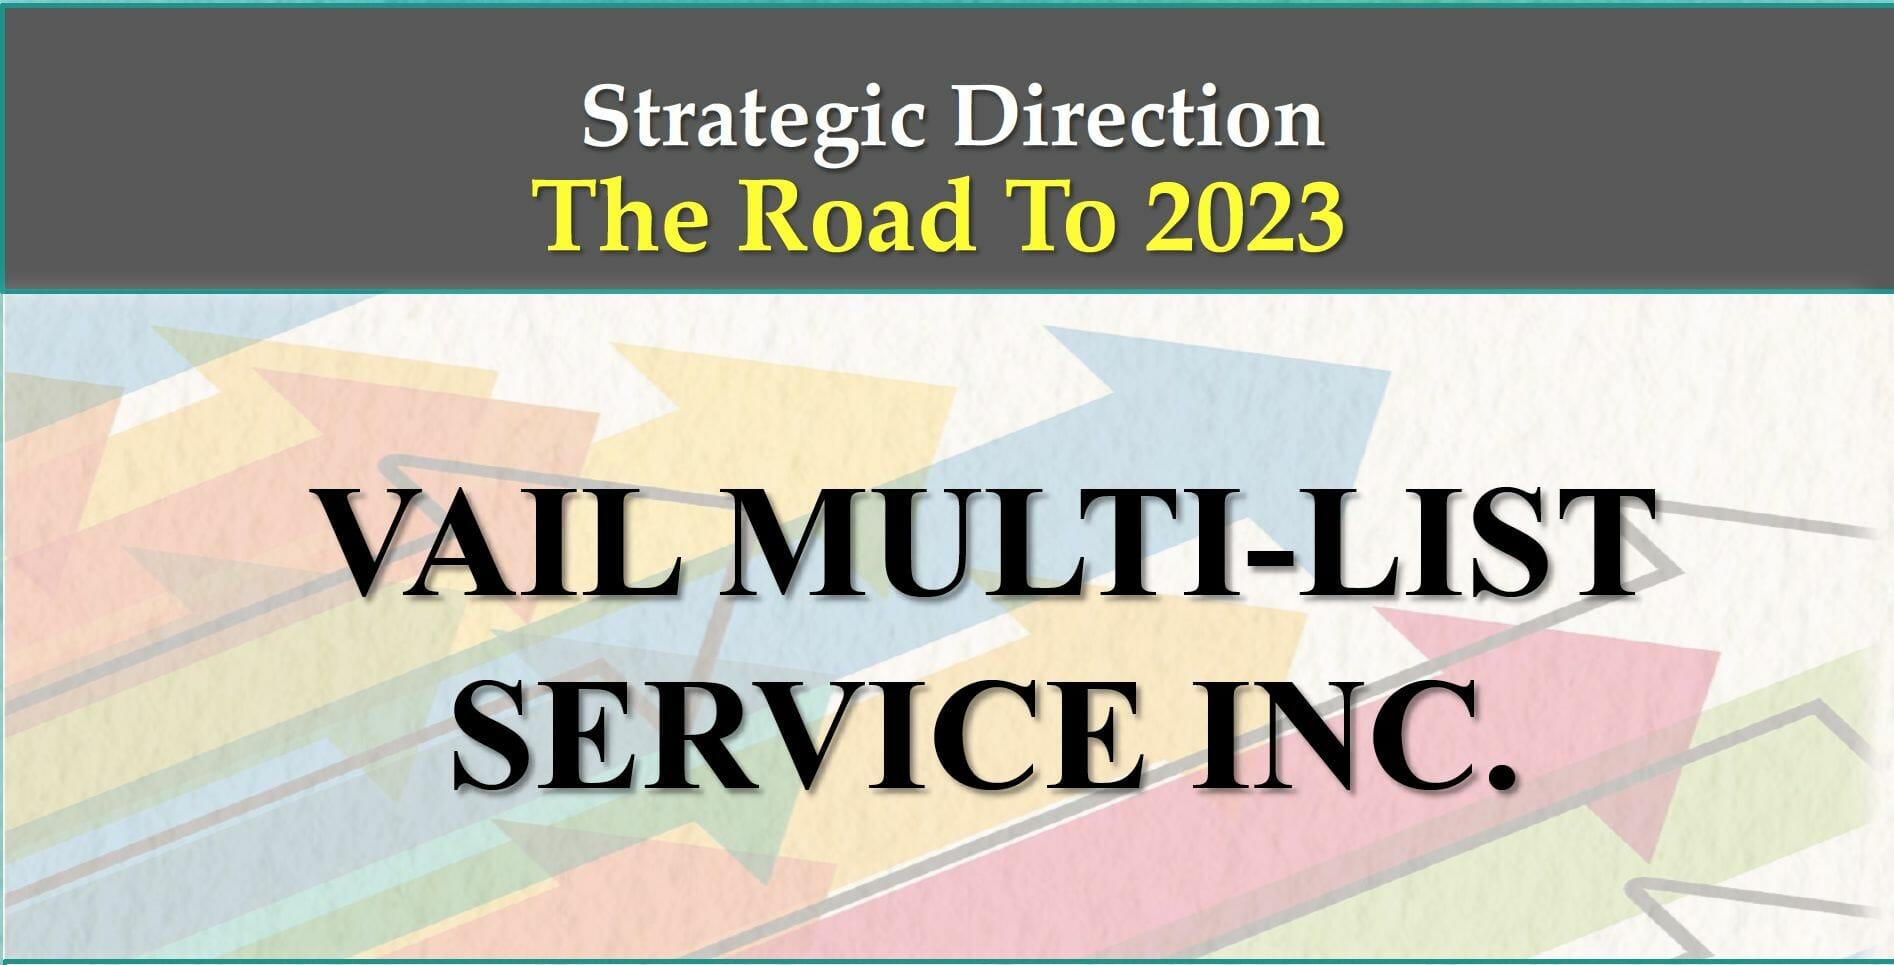 VMLS Strat Plan image cropped